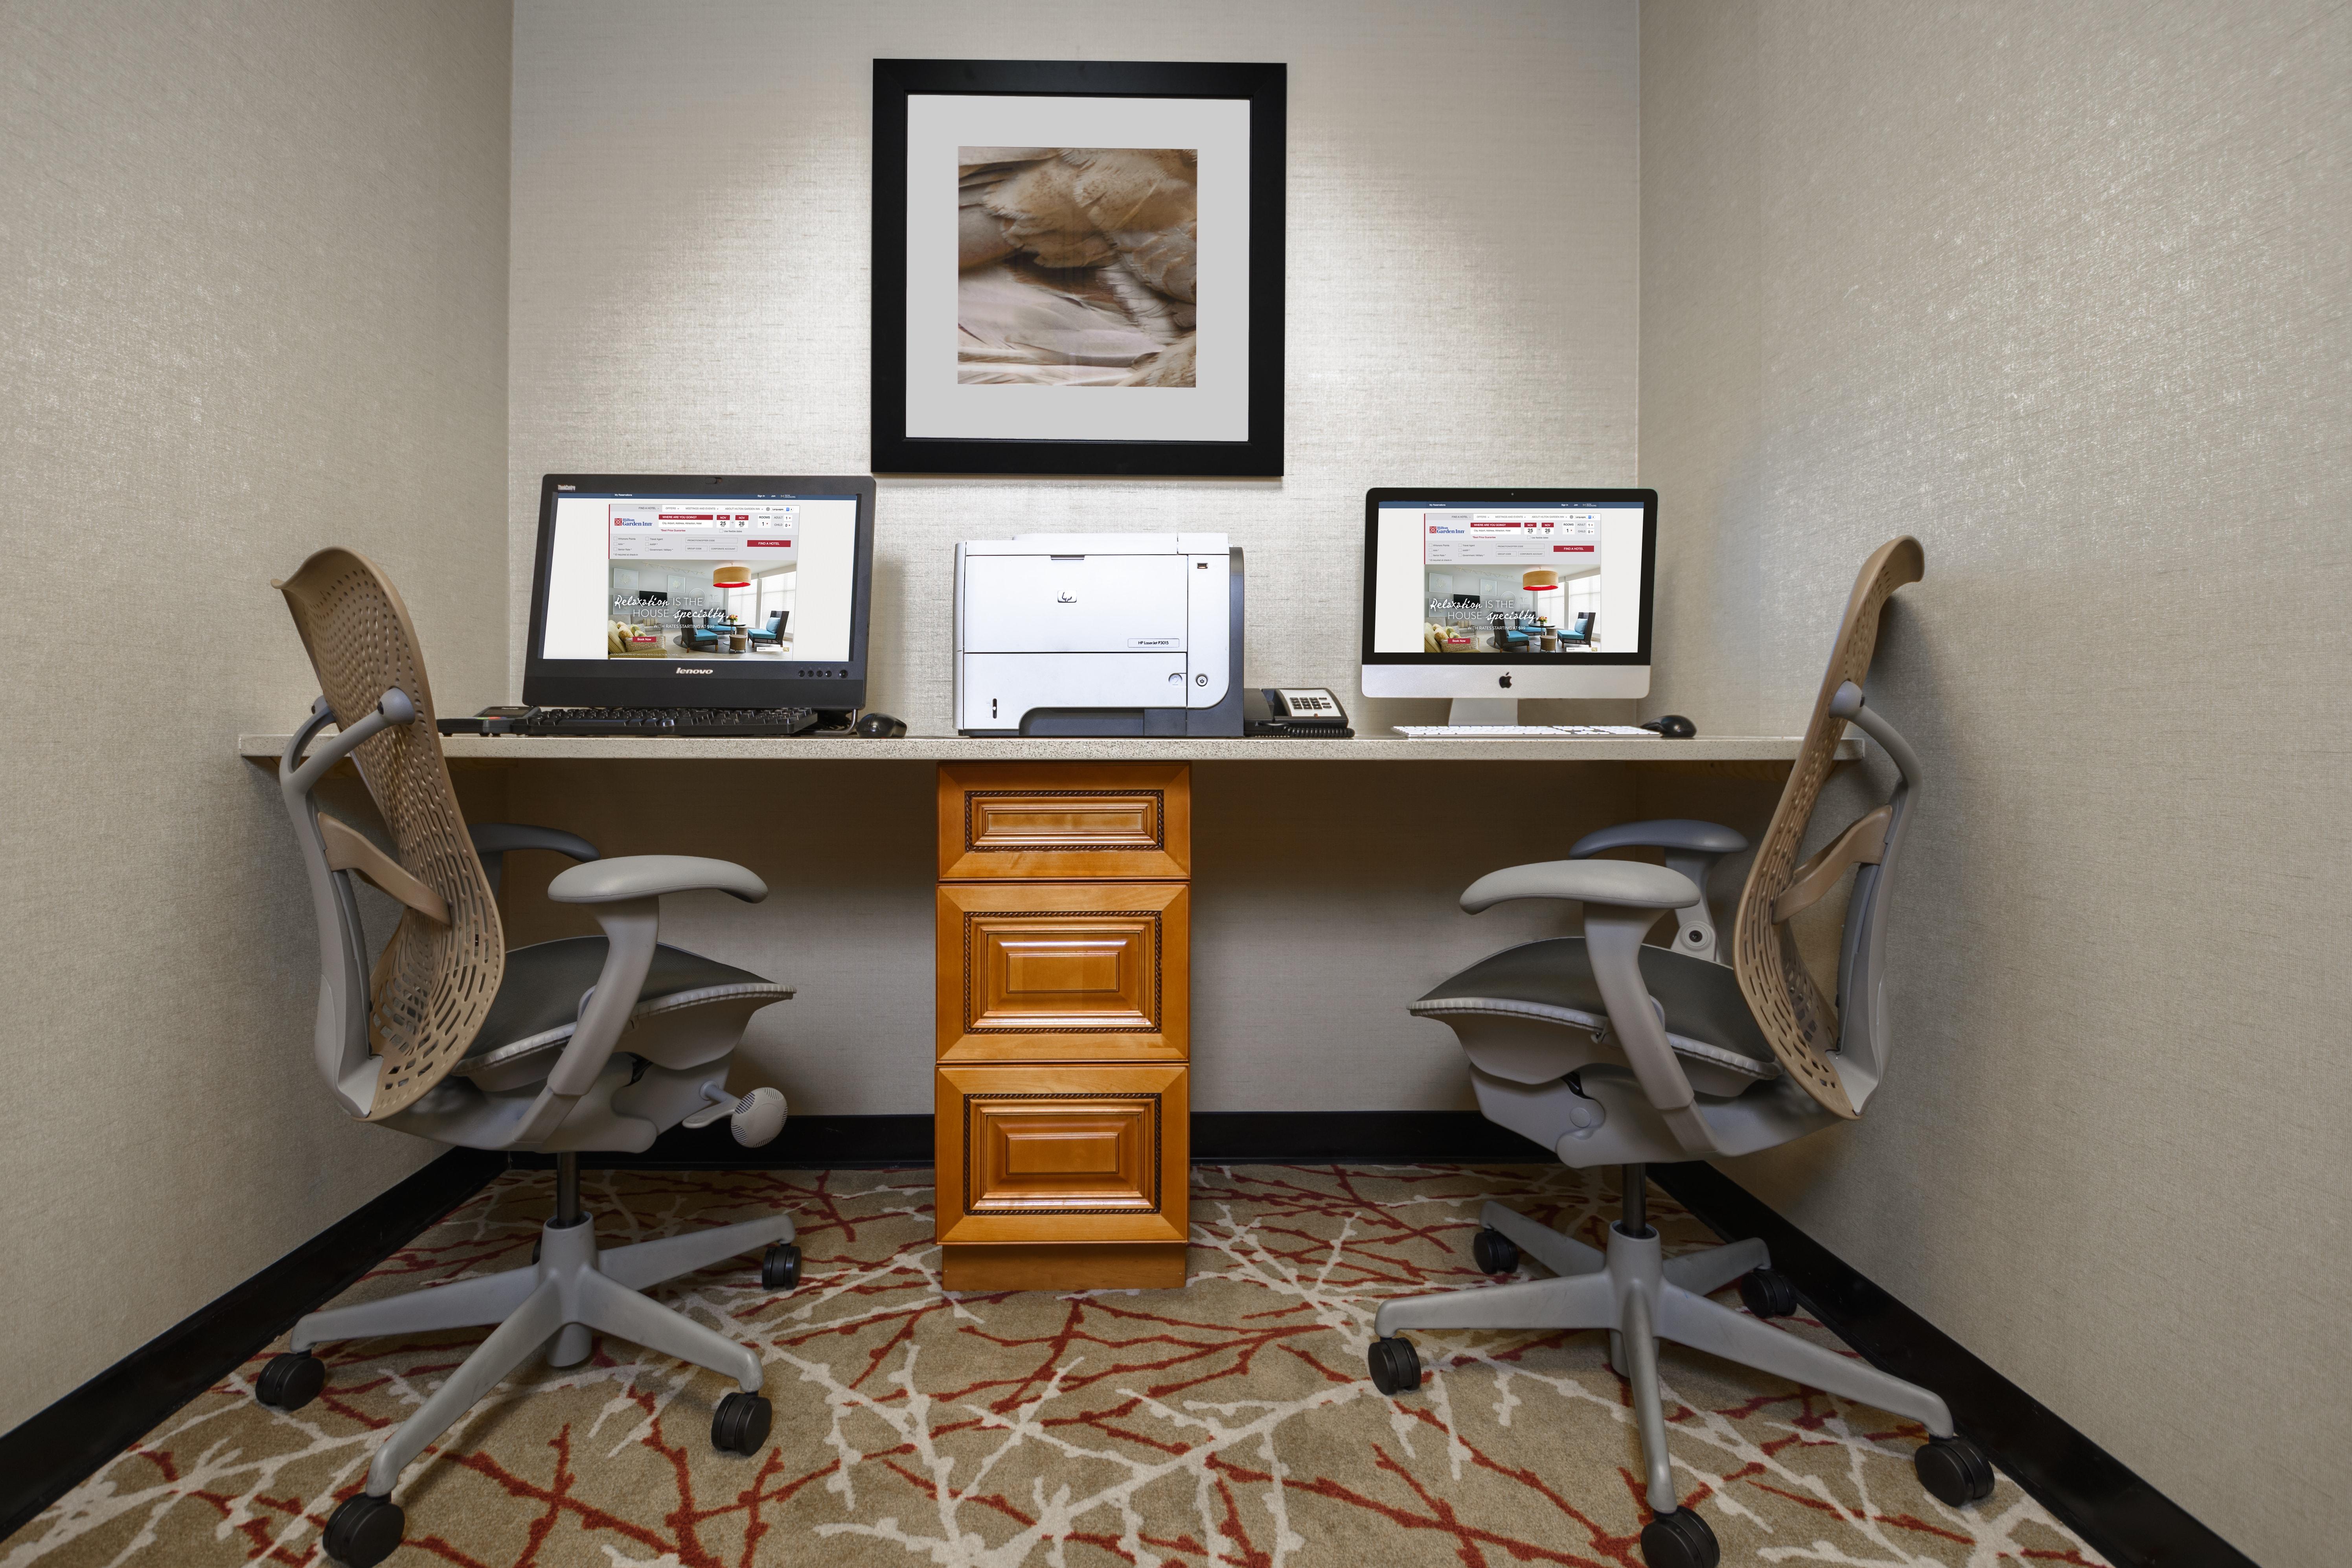 https://www.hotelsbyday.com/_data/default-hotel_image/3/16009/dsc-6339-hdra.jpg